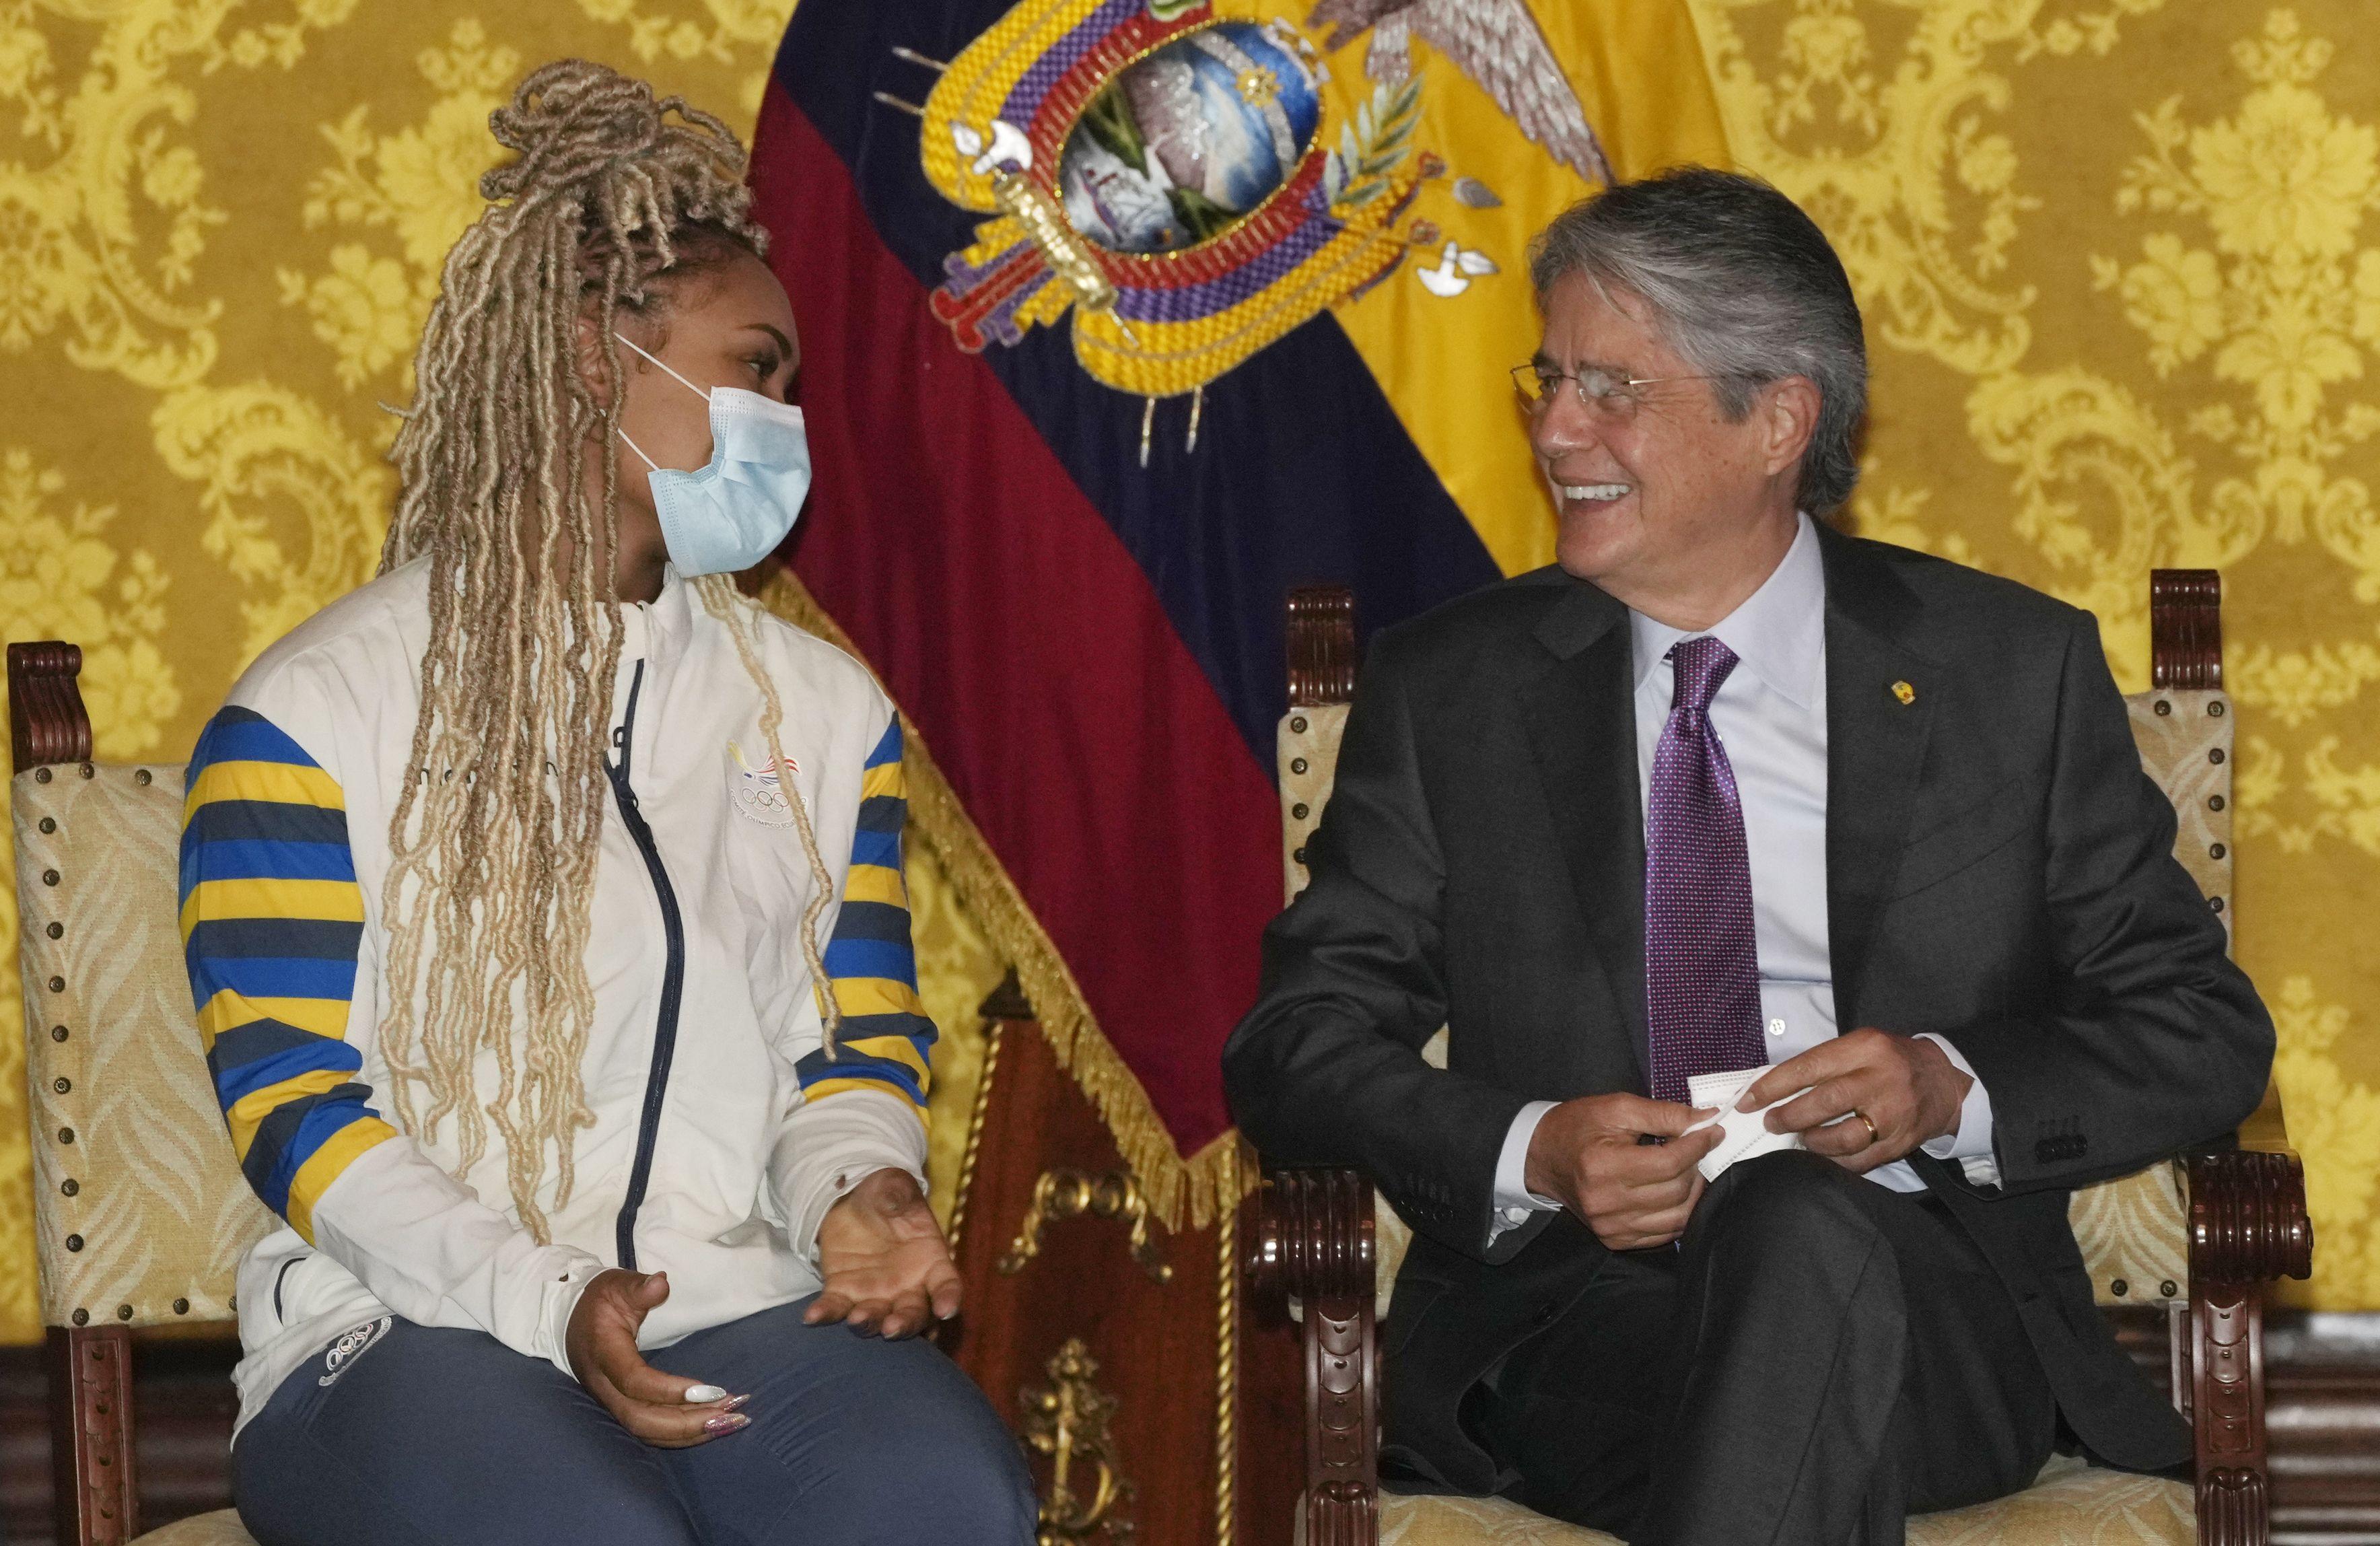 presidente ecuatoriano premia a medallistas olimpicos